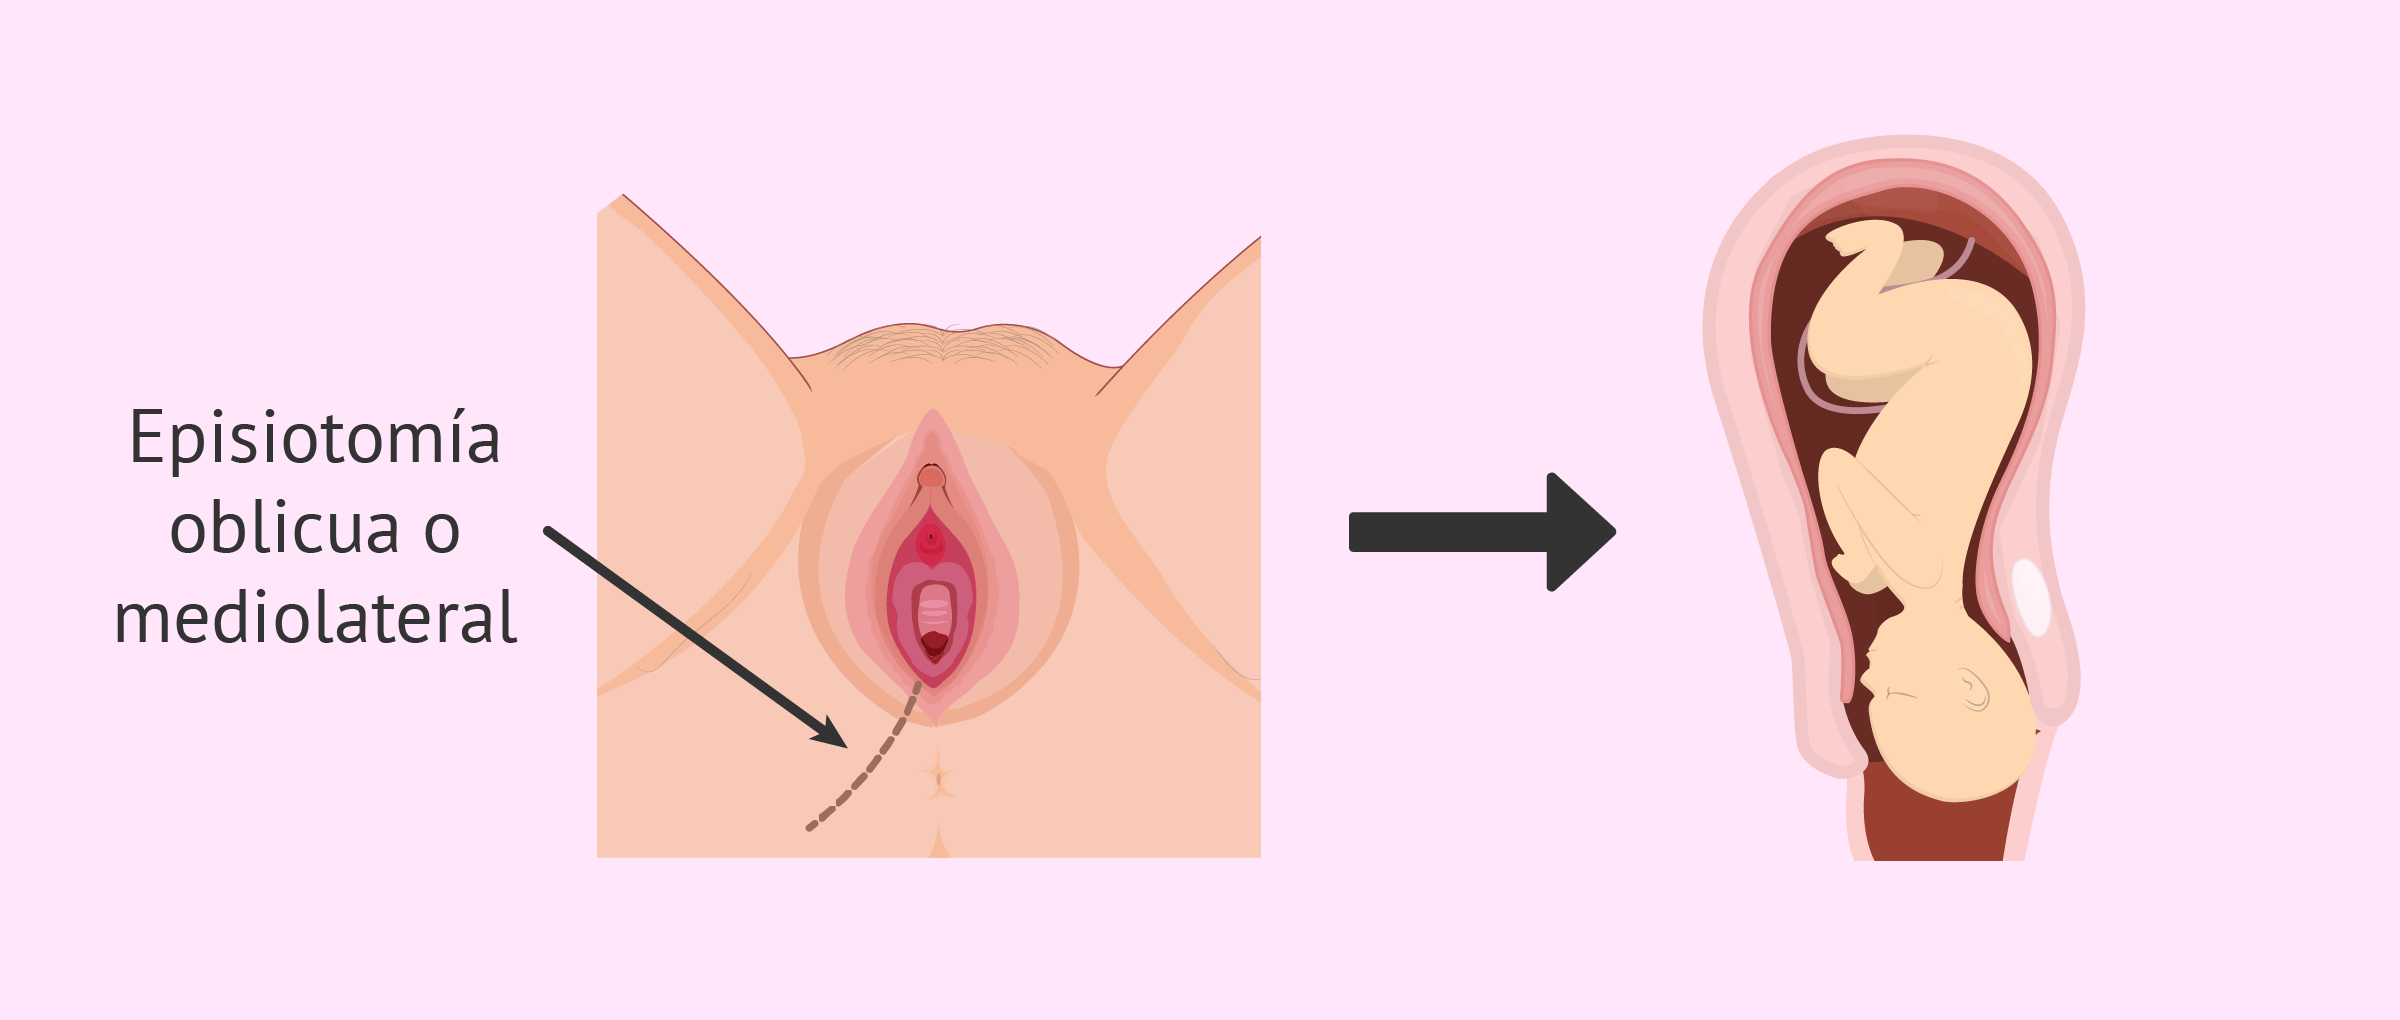 ¿Qué es la episiotomía y cómo puedo prevenirla en el parto?